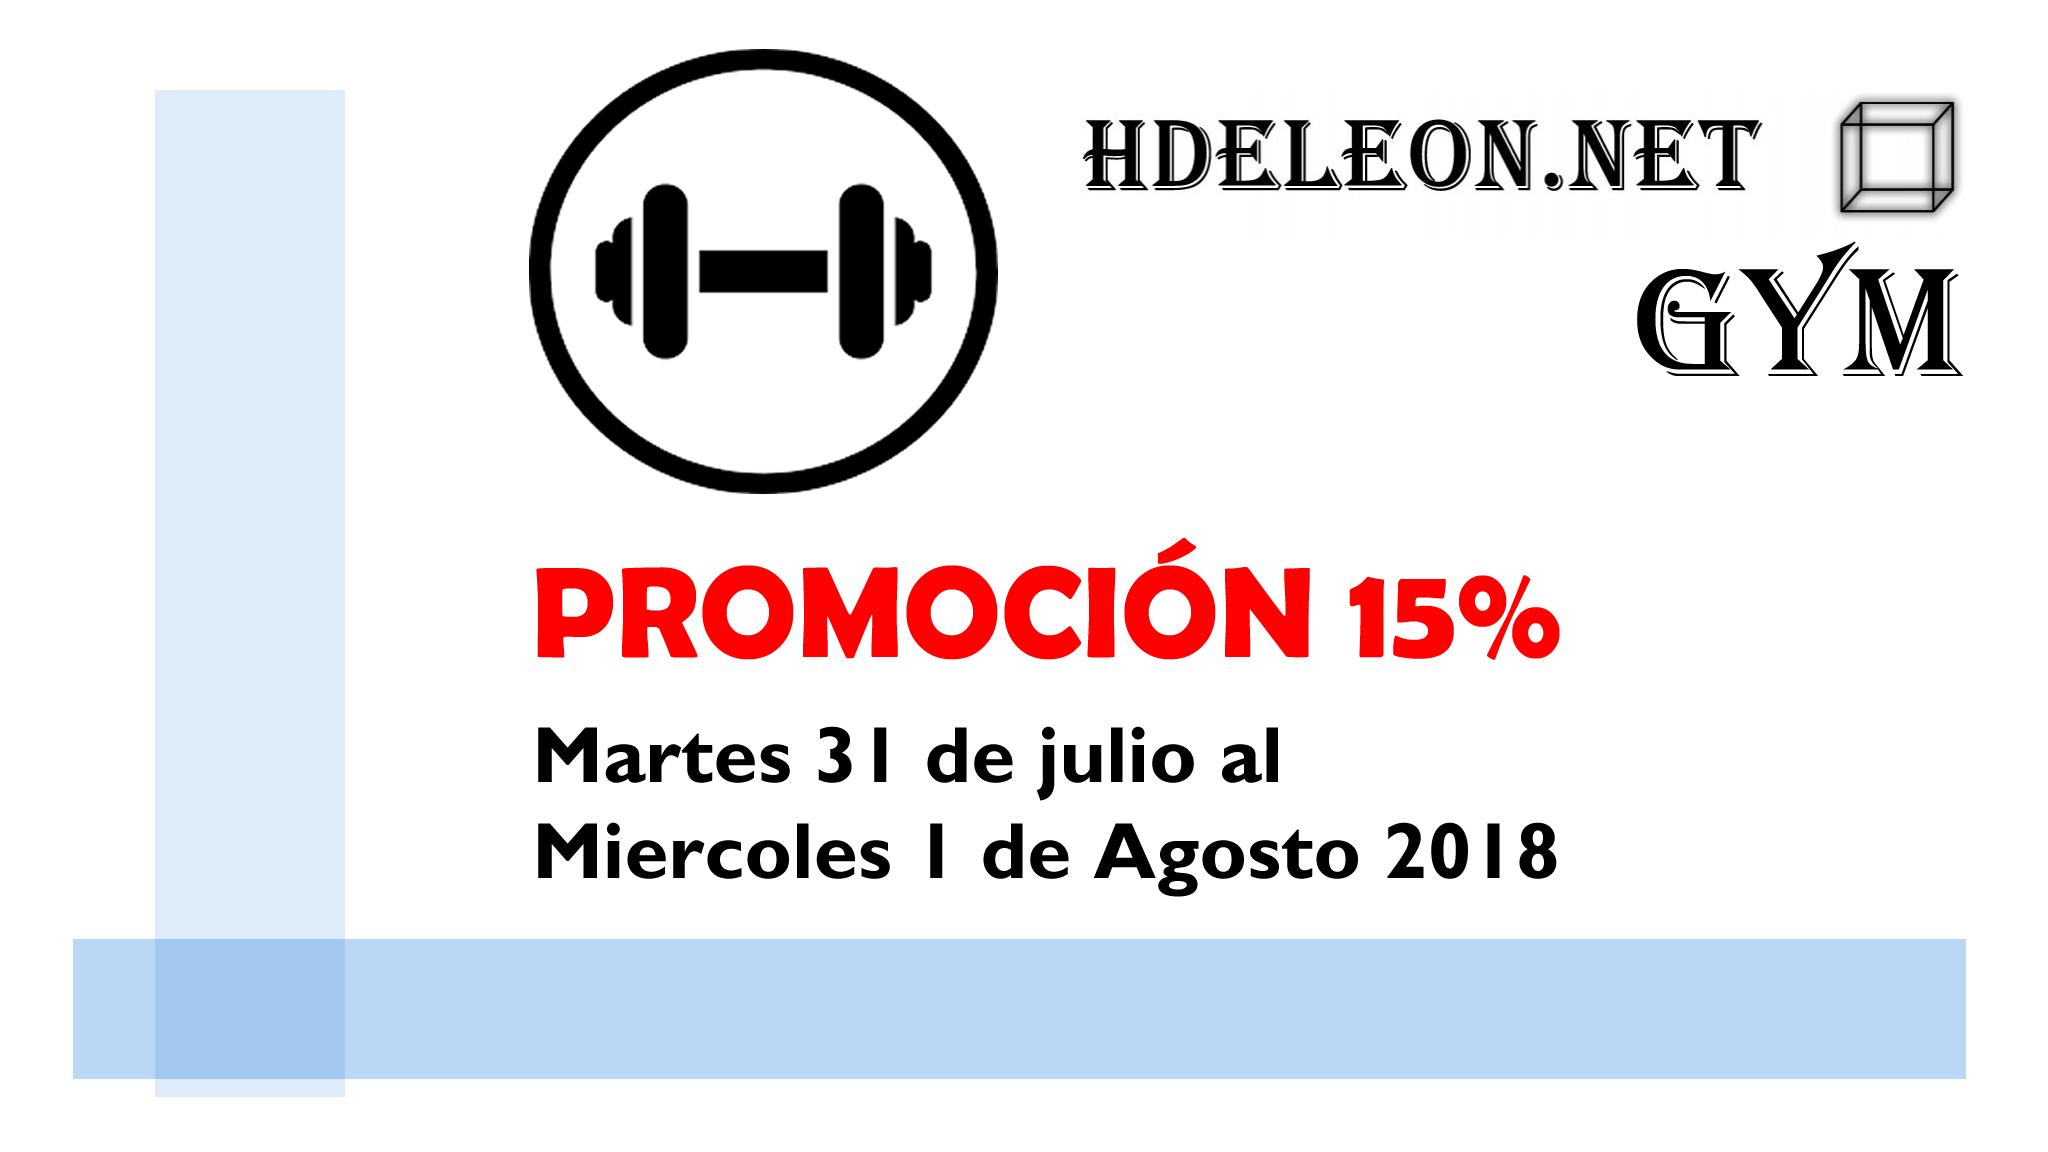 Promoción 15% de descuento en todos los sistemas gym hdeleon (no aplica en actualizaciones)